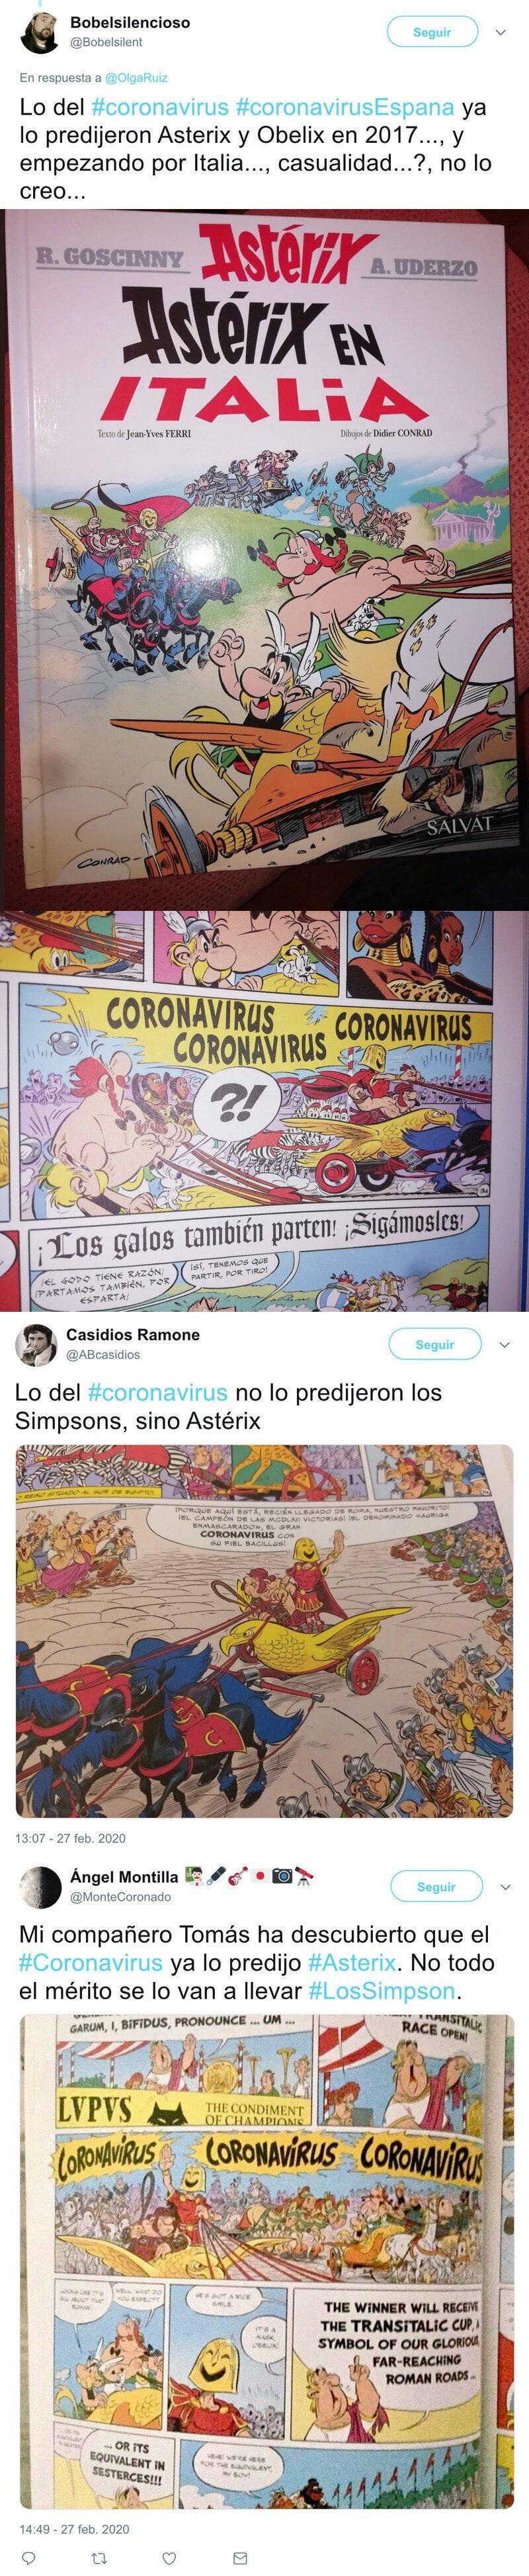 1338 - Me he quedado muy loco al enterarme que en un comic de Asterix en Italia sale un villano llamado CORONAVIRUS, tal cual